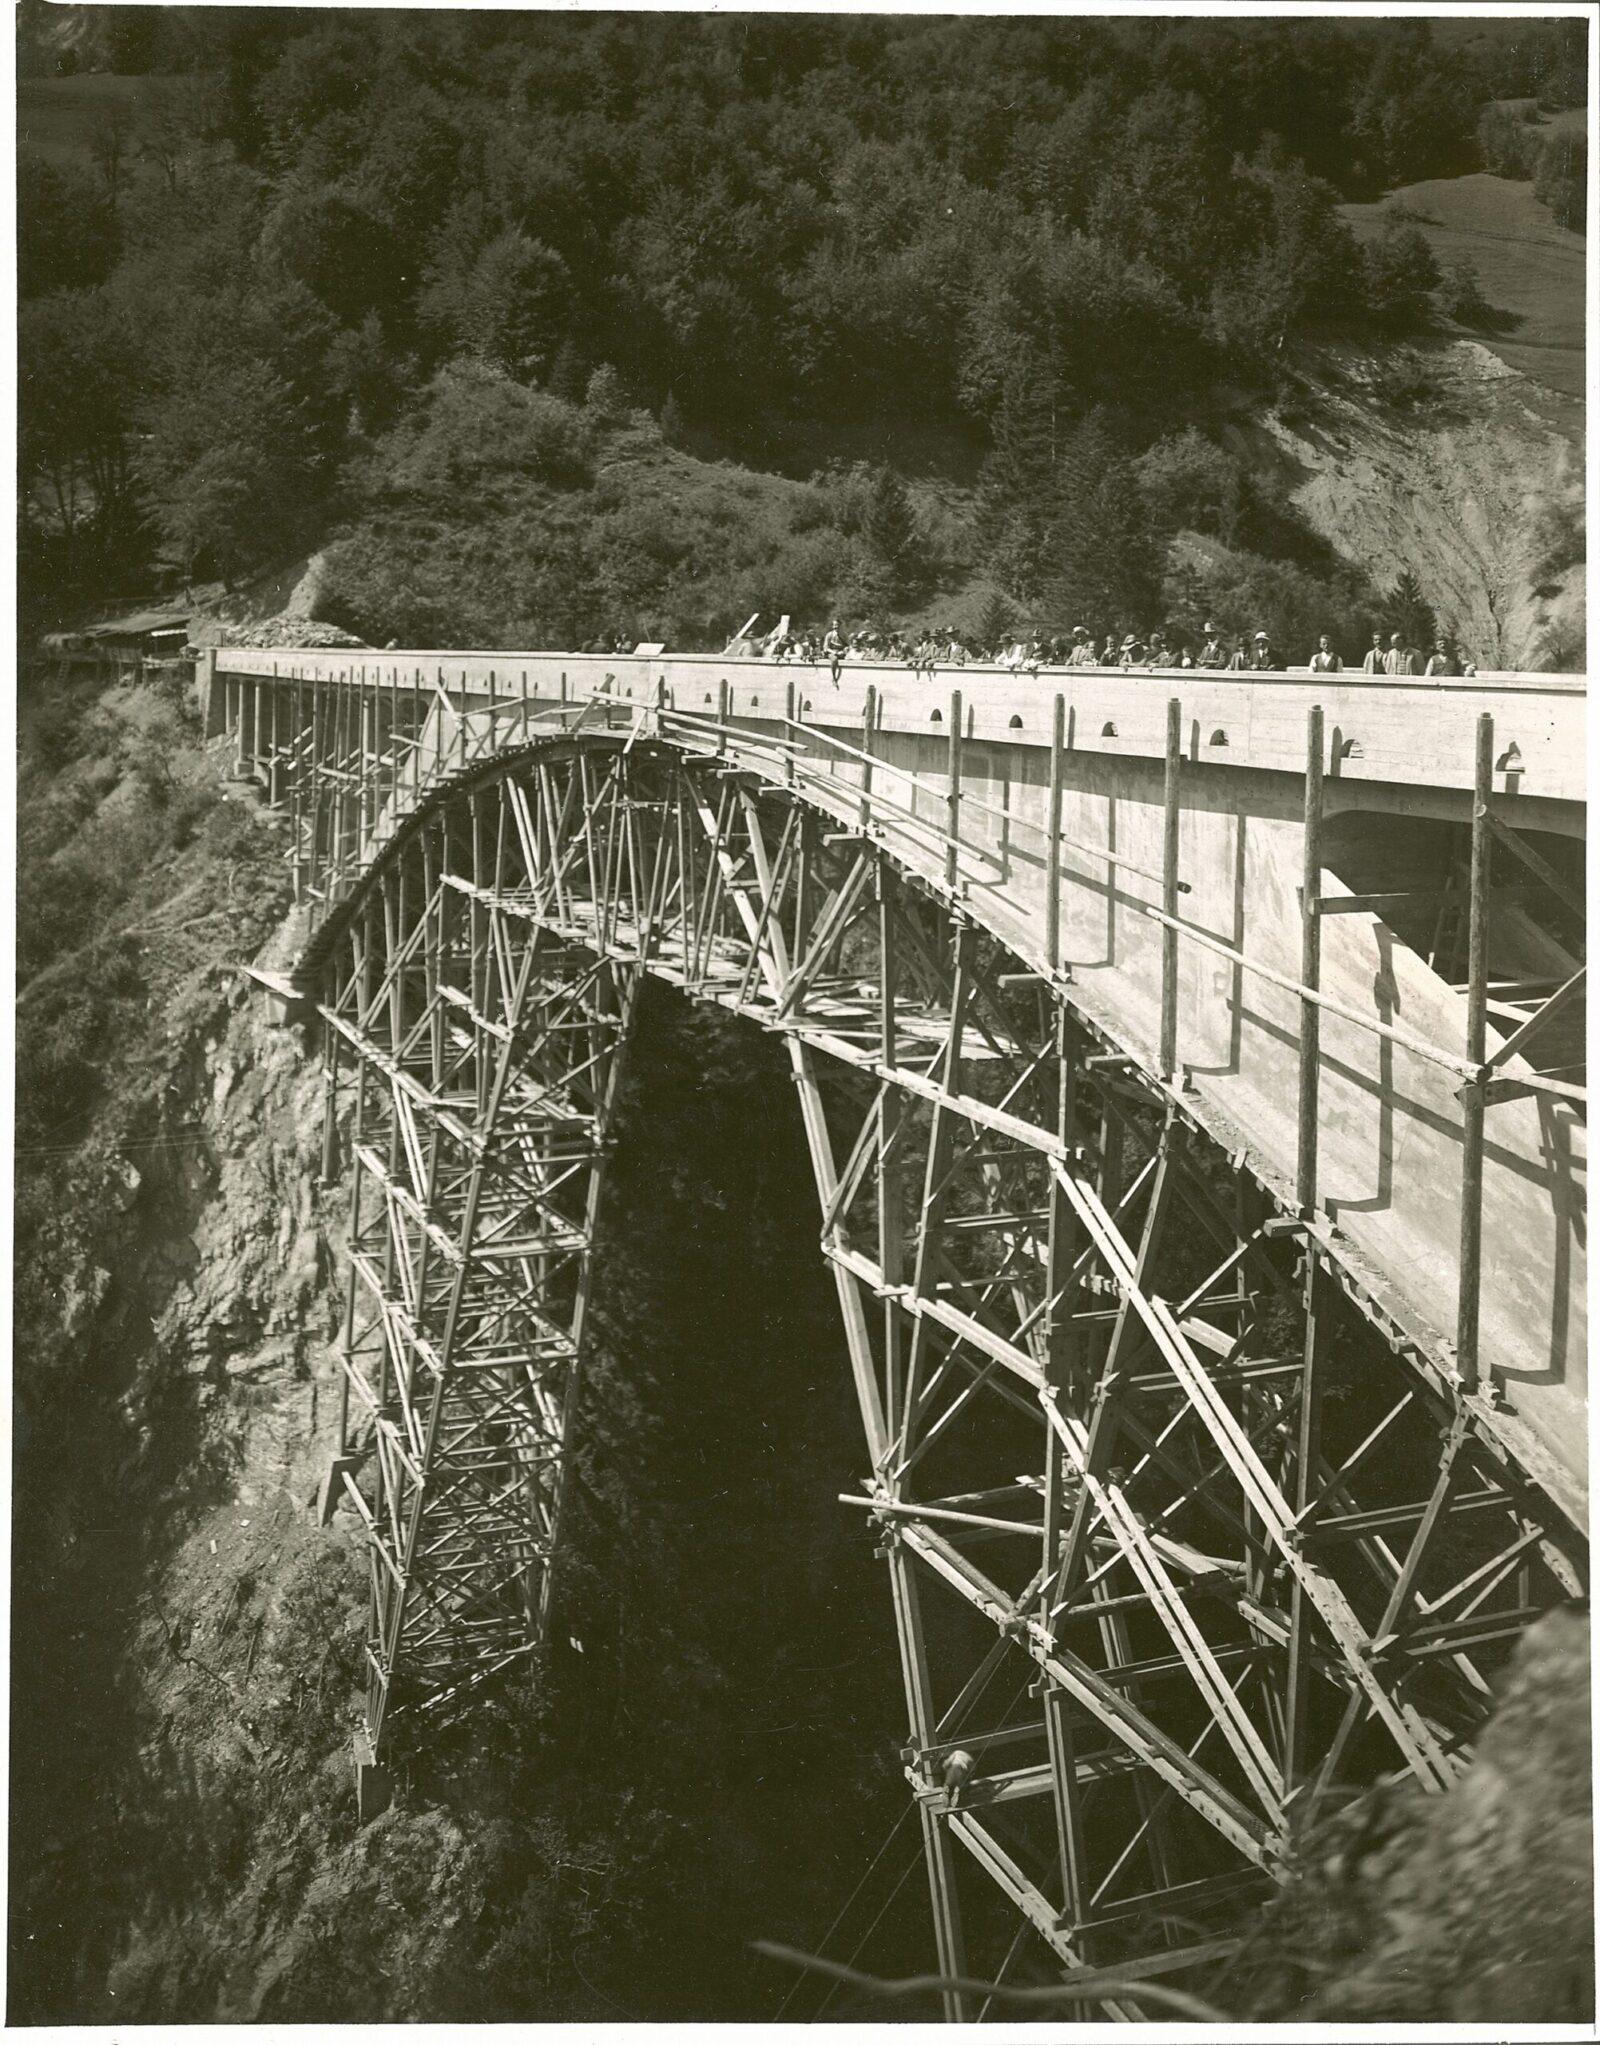 Falsework Salginatobel Bridge (Salginatobelbrücke), 1930.